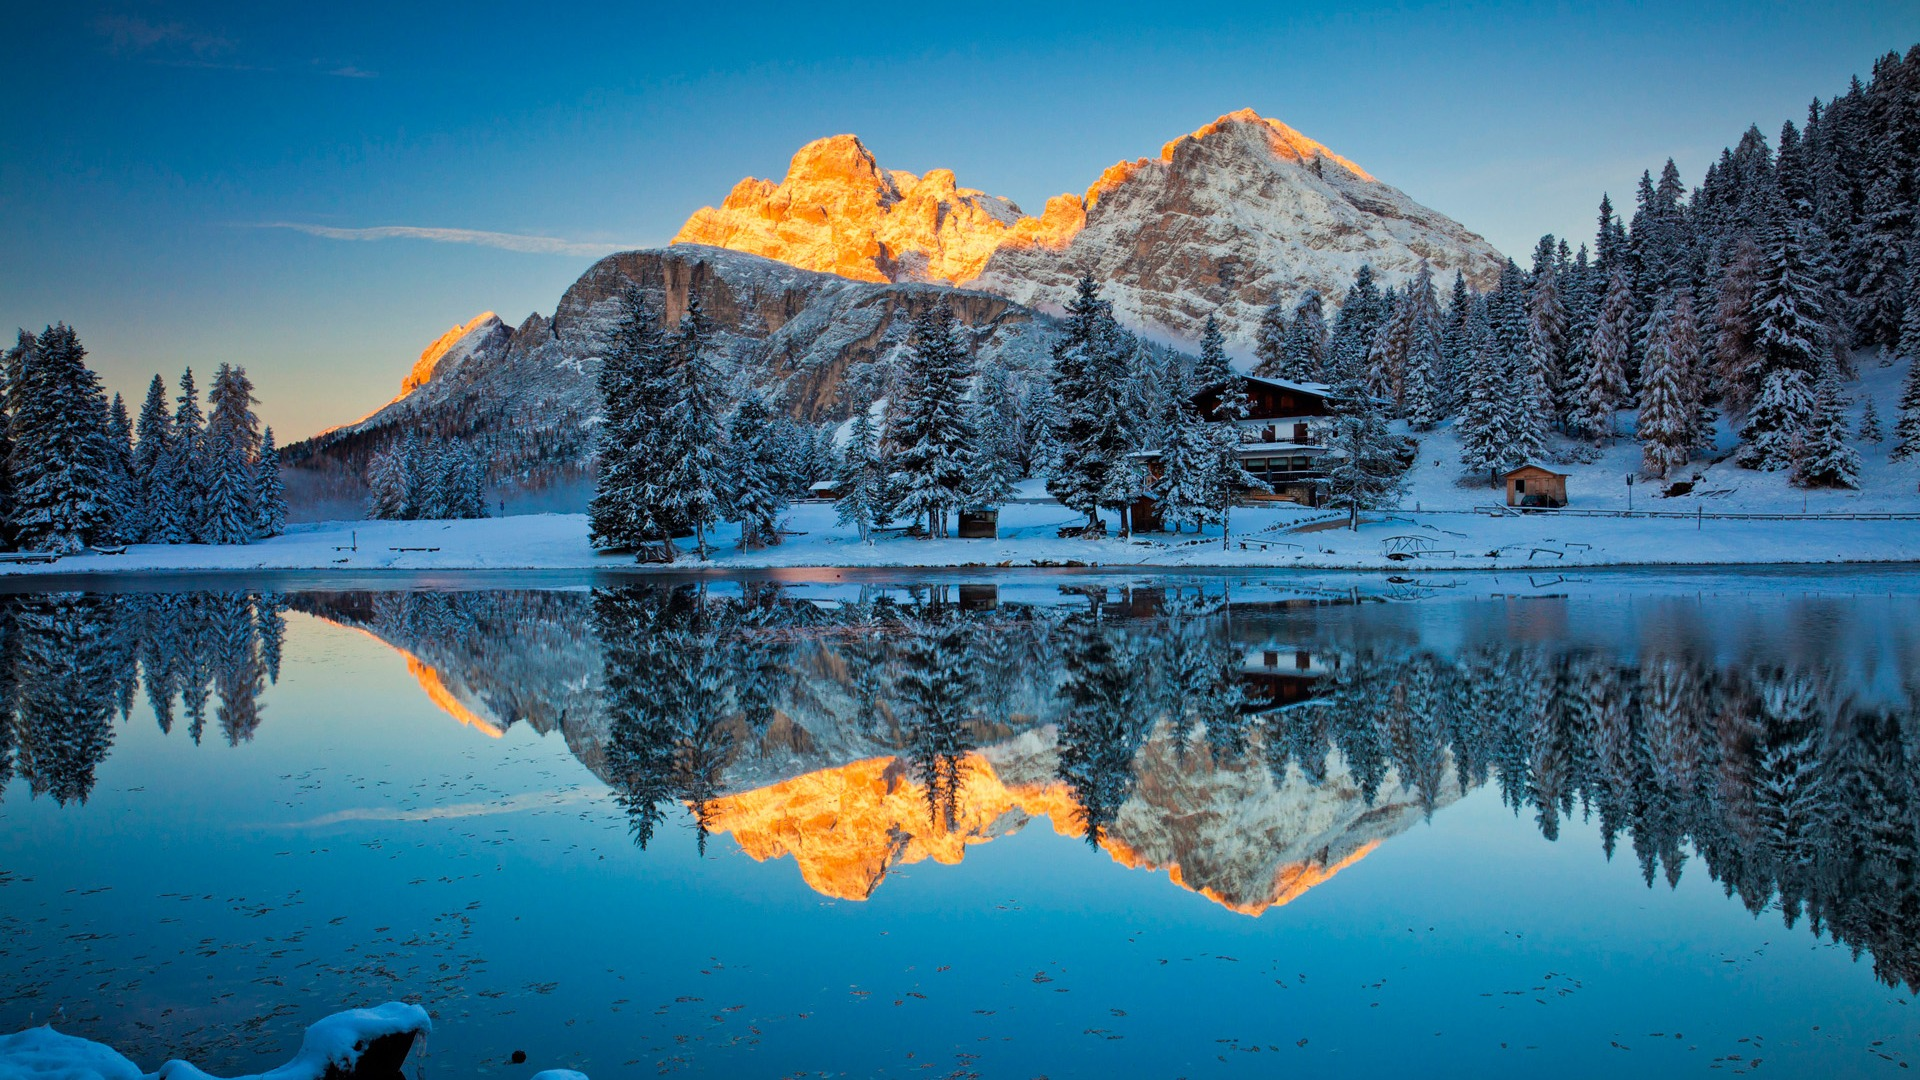 イタリアの秘密蘇リナ湖 Windows 10 のhd壁紙プレビュー 10wallpaper Com